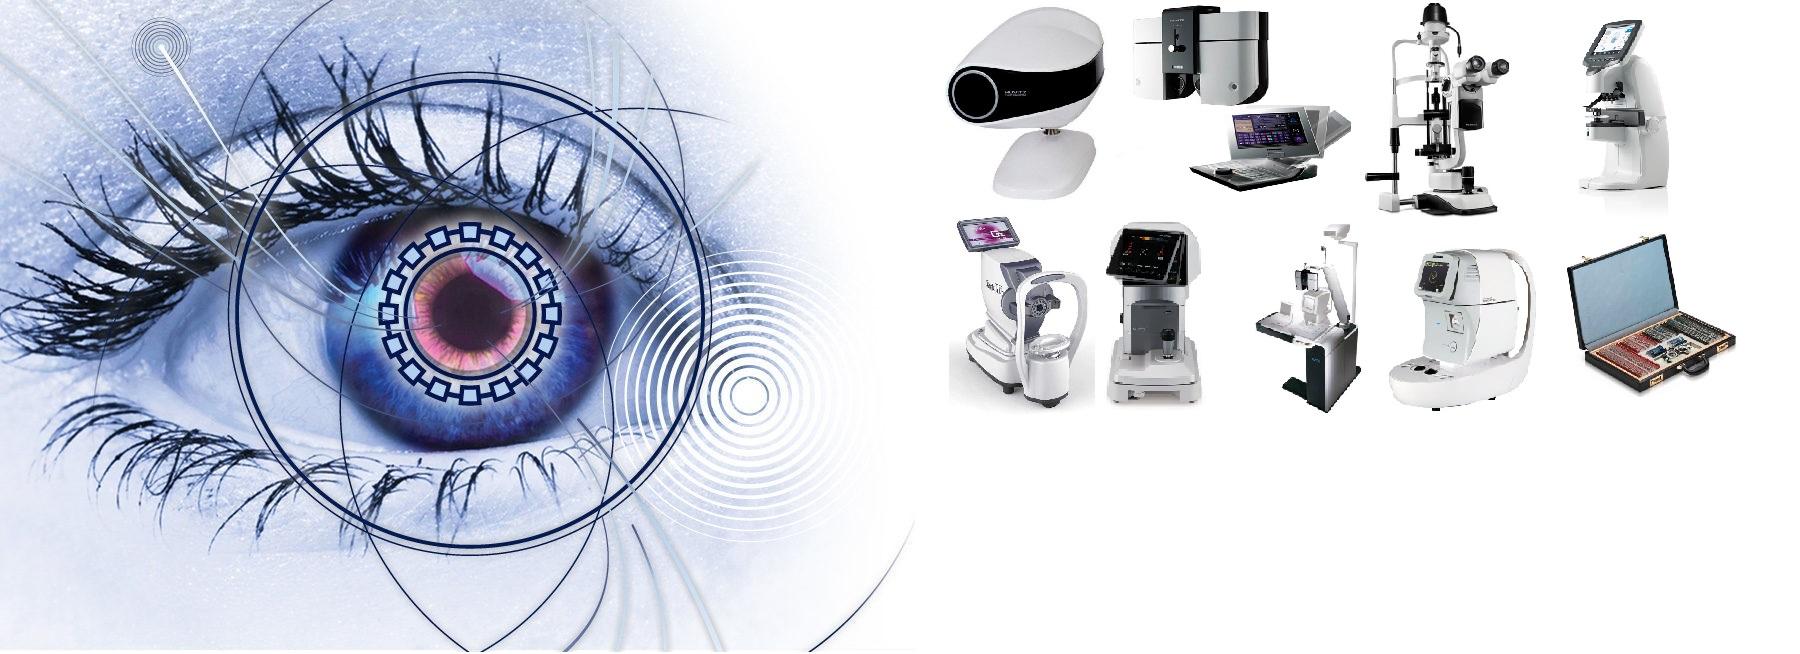 Диоптрия Офтальмологическое оборудование, комплексное оснащение салонов оптики. Очки оптом, оправы оптом, оптика опт купить в Москве.